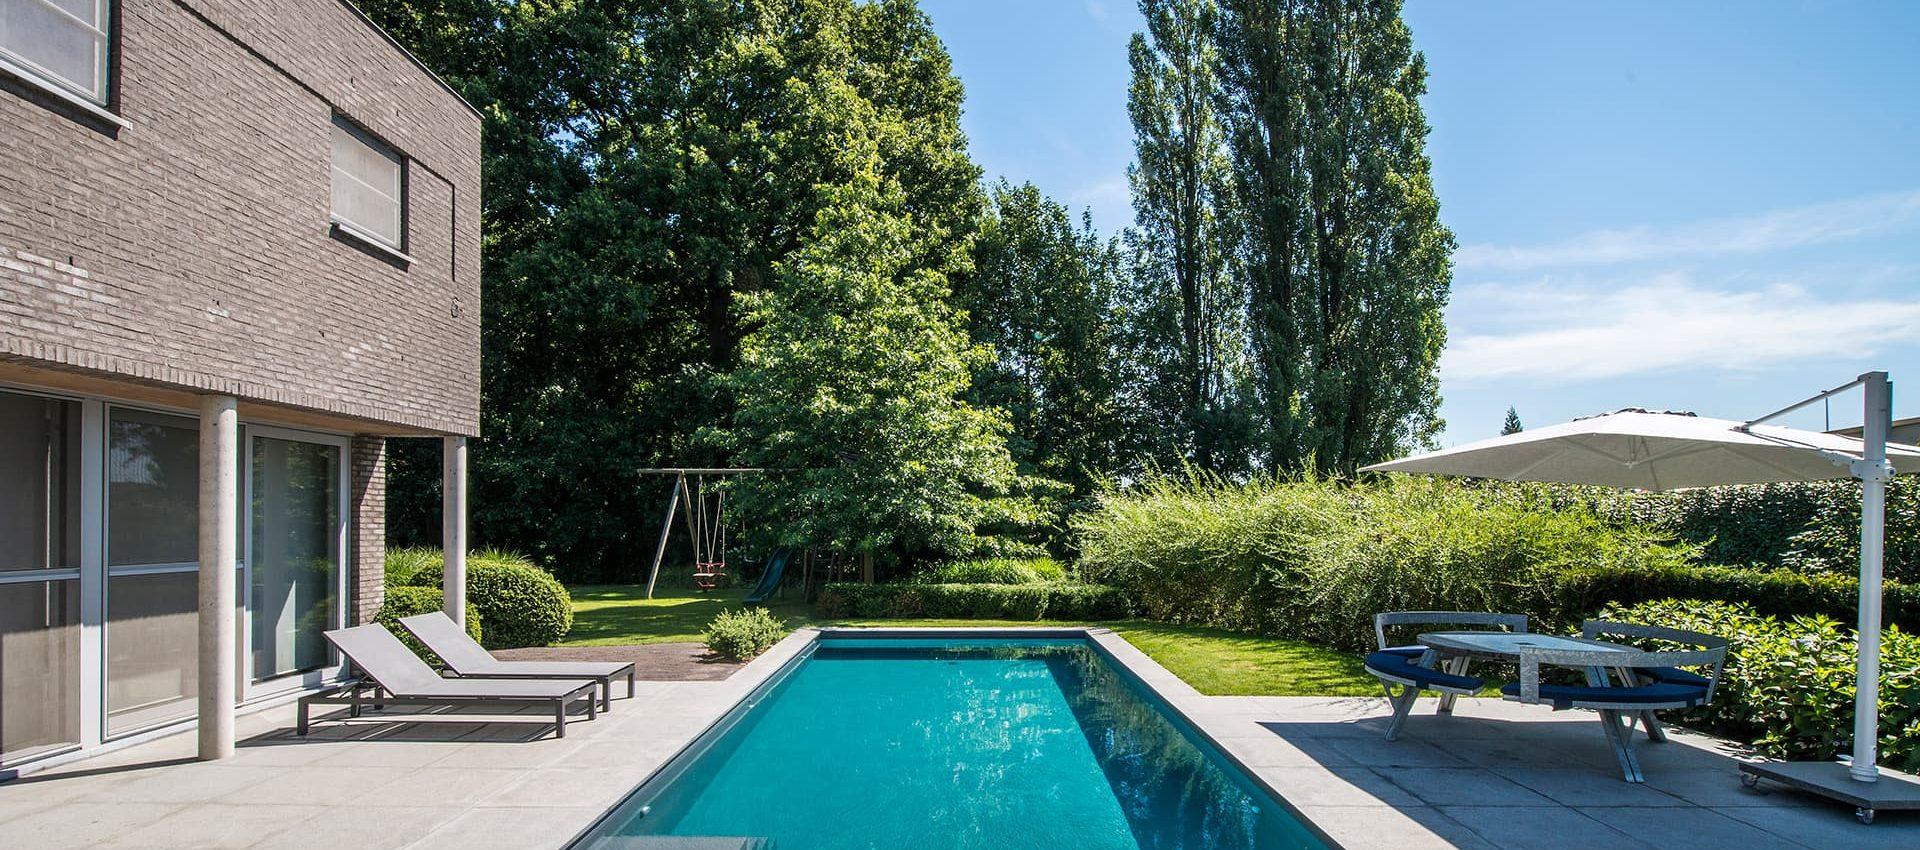 Tuin met zwembad en speeltuin